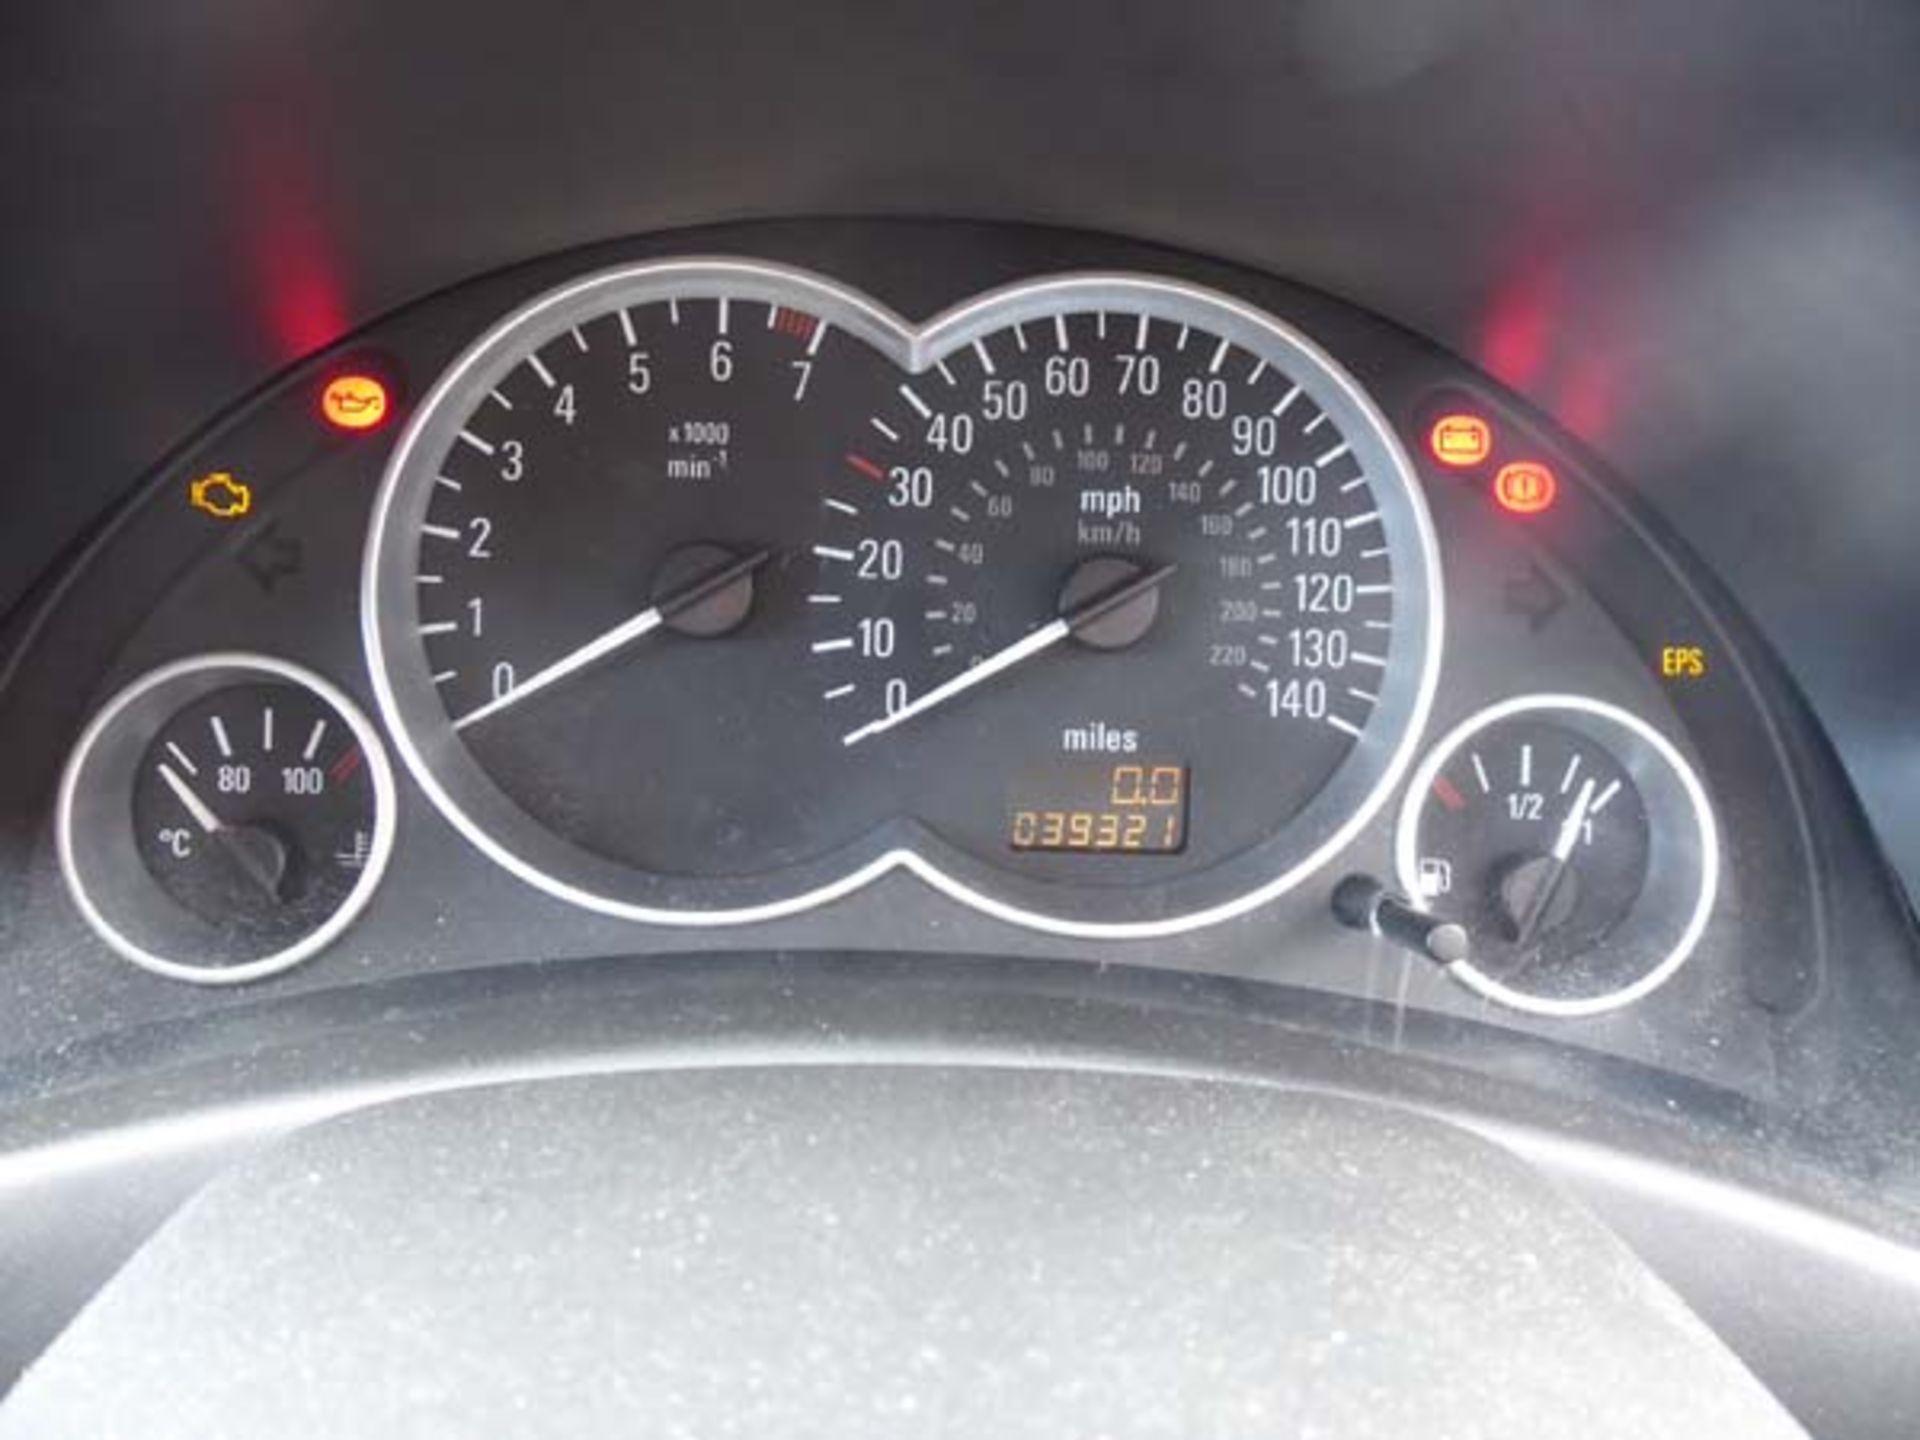 KL53 KTA (2003) Vauxhall Corsa Active 16V, 3 door hatchback, 1199cc, petrol, in silver, 39'044 - Image 9 of 12